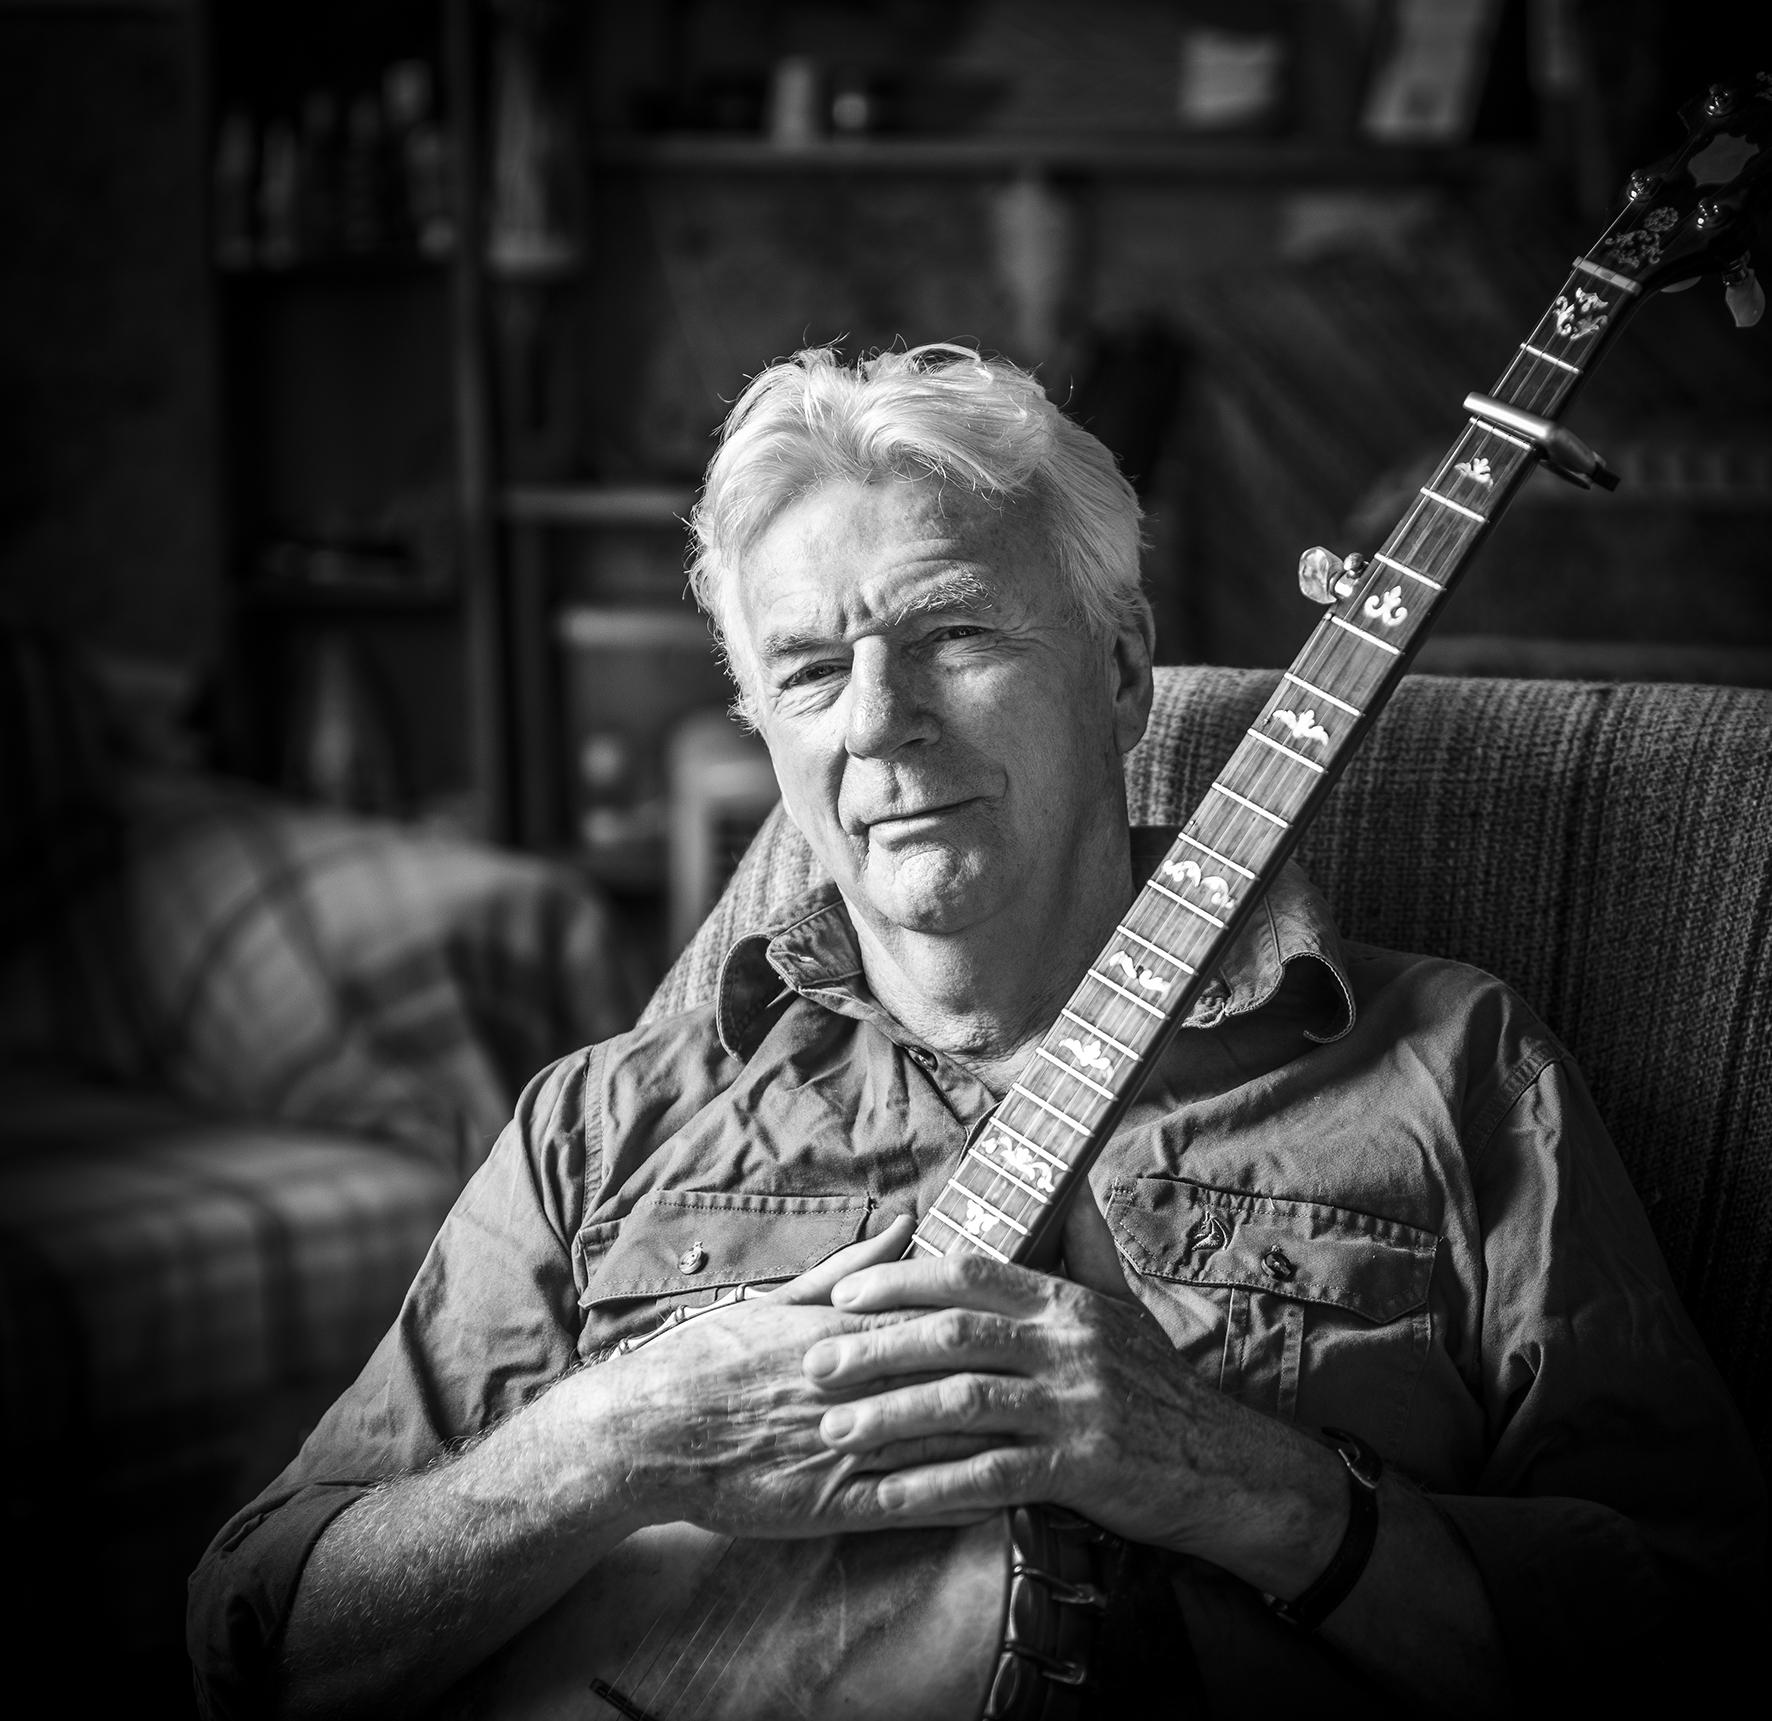 Jan Wositzky - Storyteller / Musician